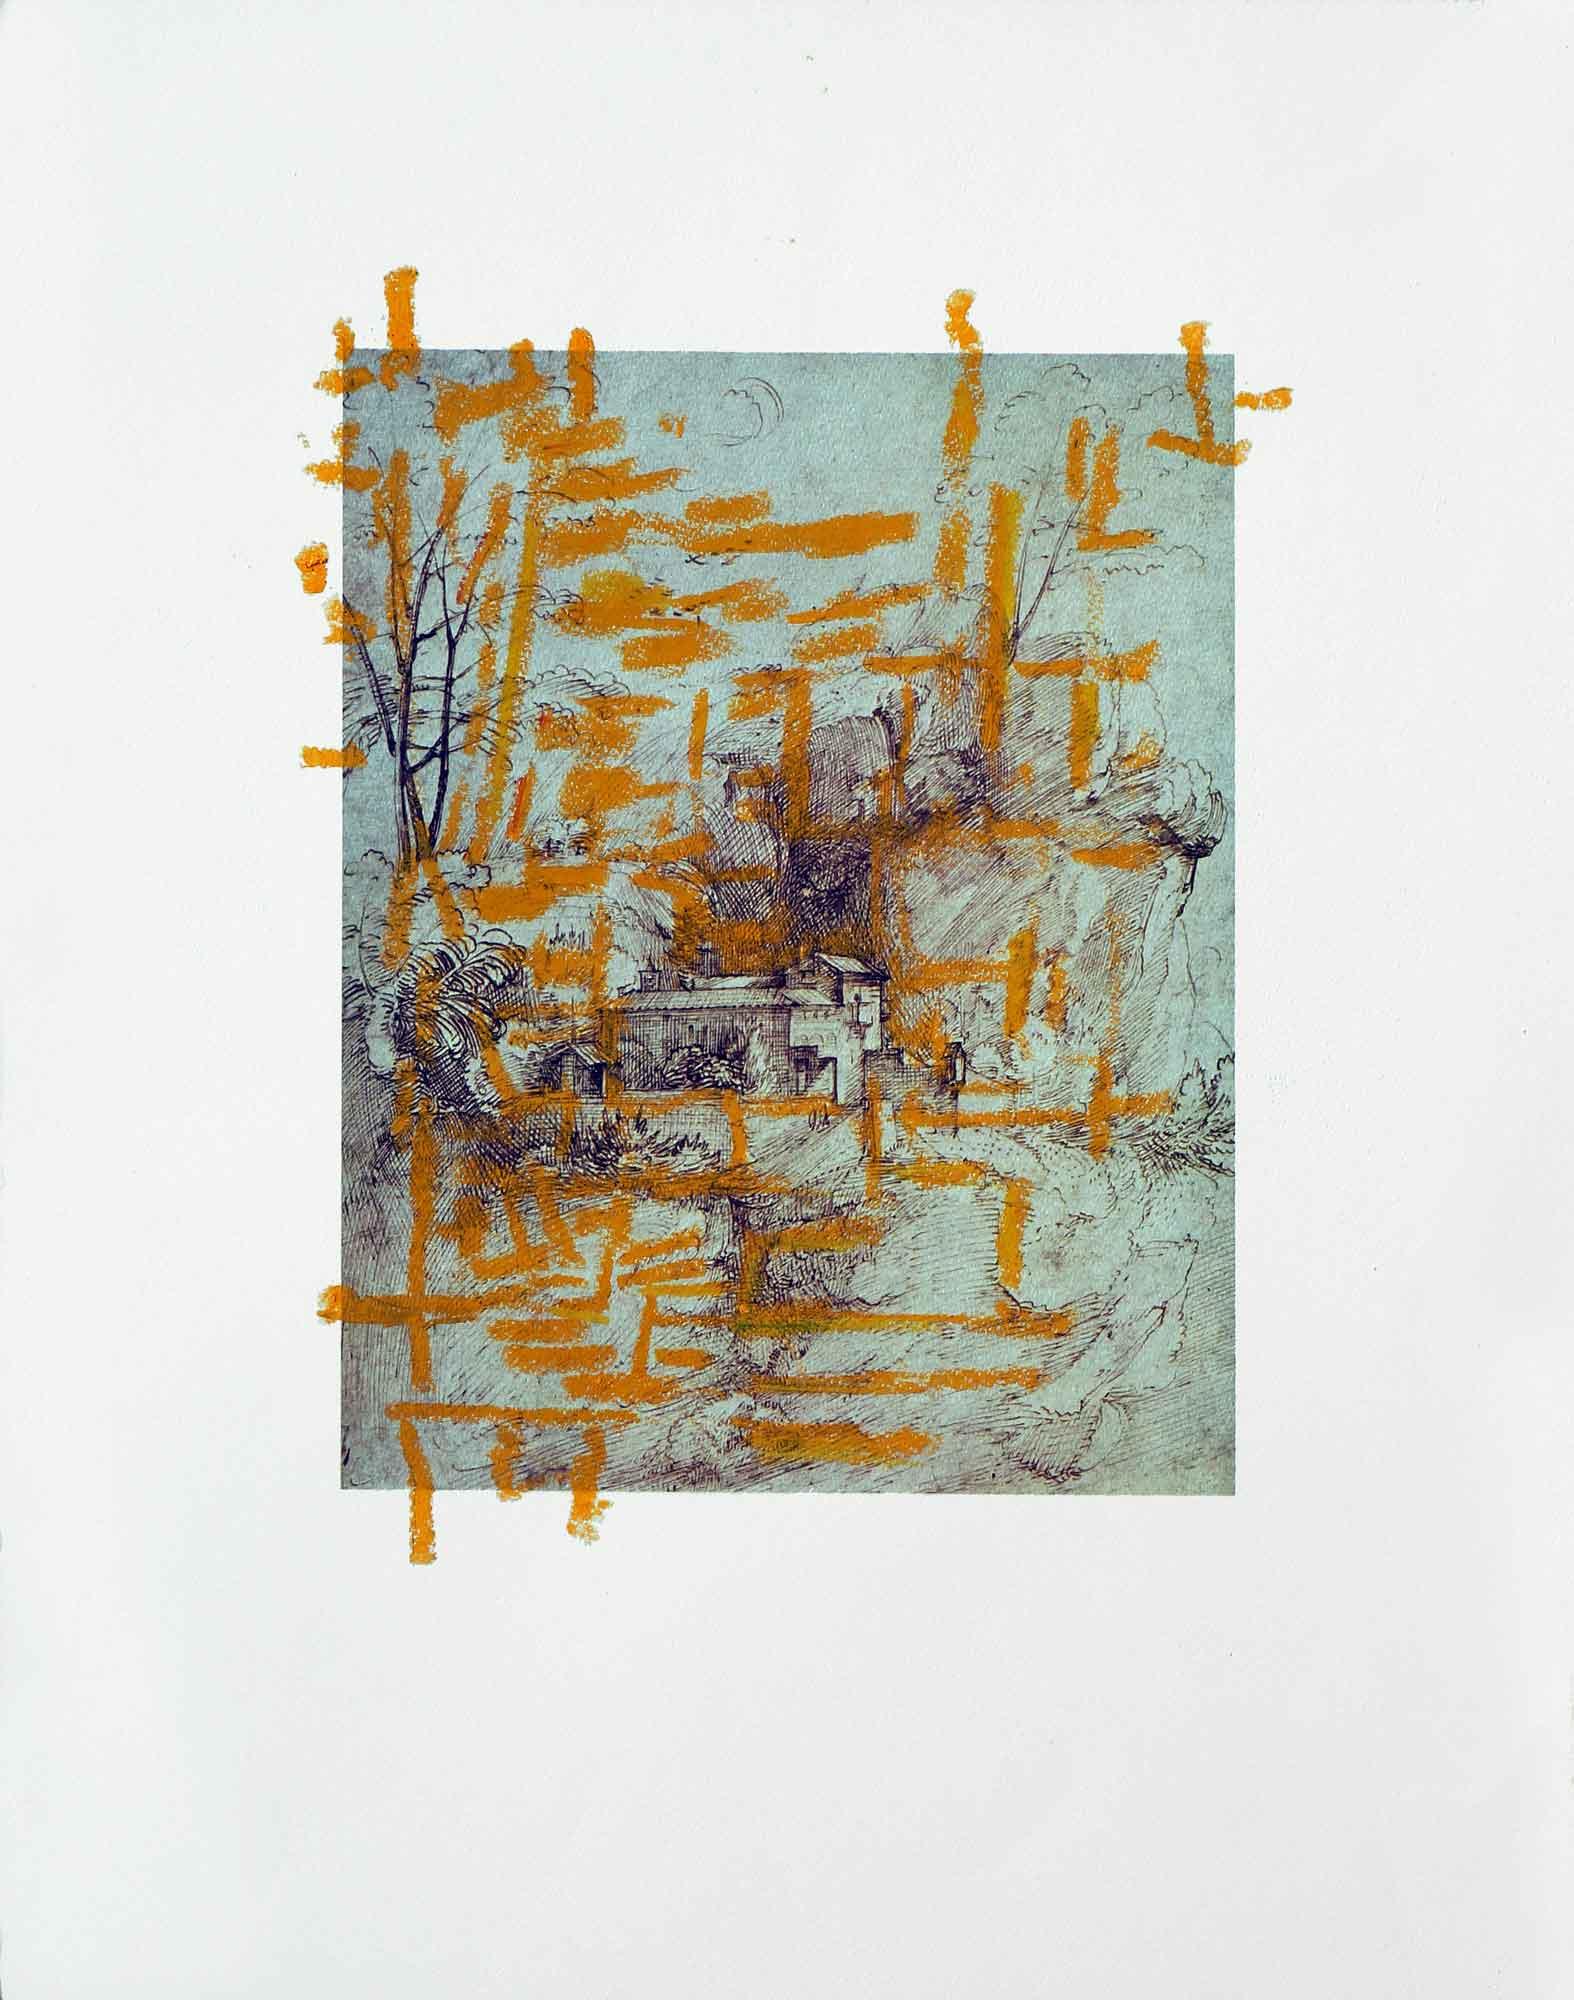 Dessin sur dessin - 2013 – Pastel gras. 50 x 40 cm. Denis Falgoux